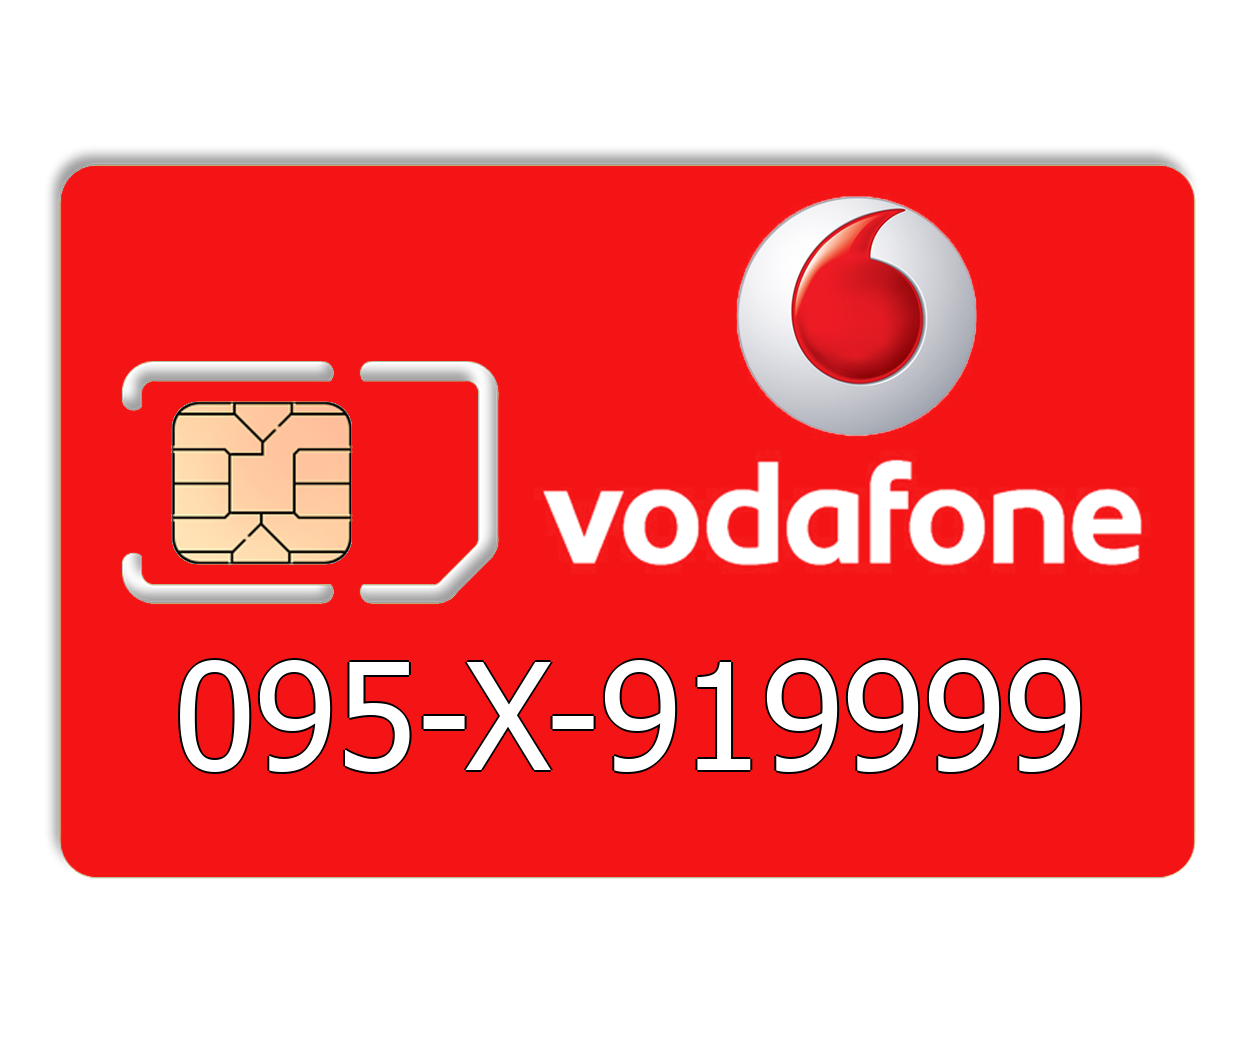 Красивый номер Vodafone 095-X-919999